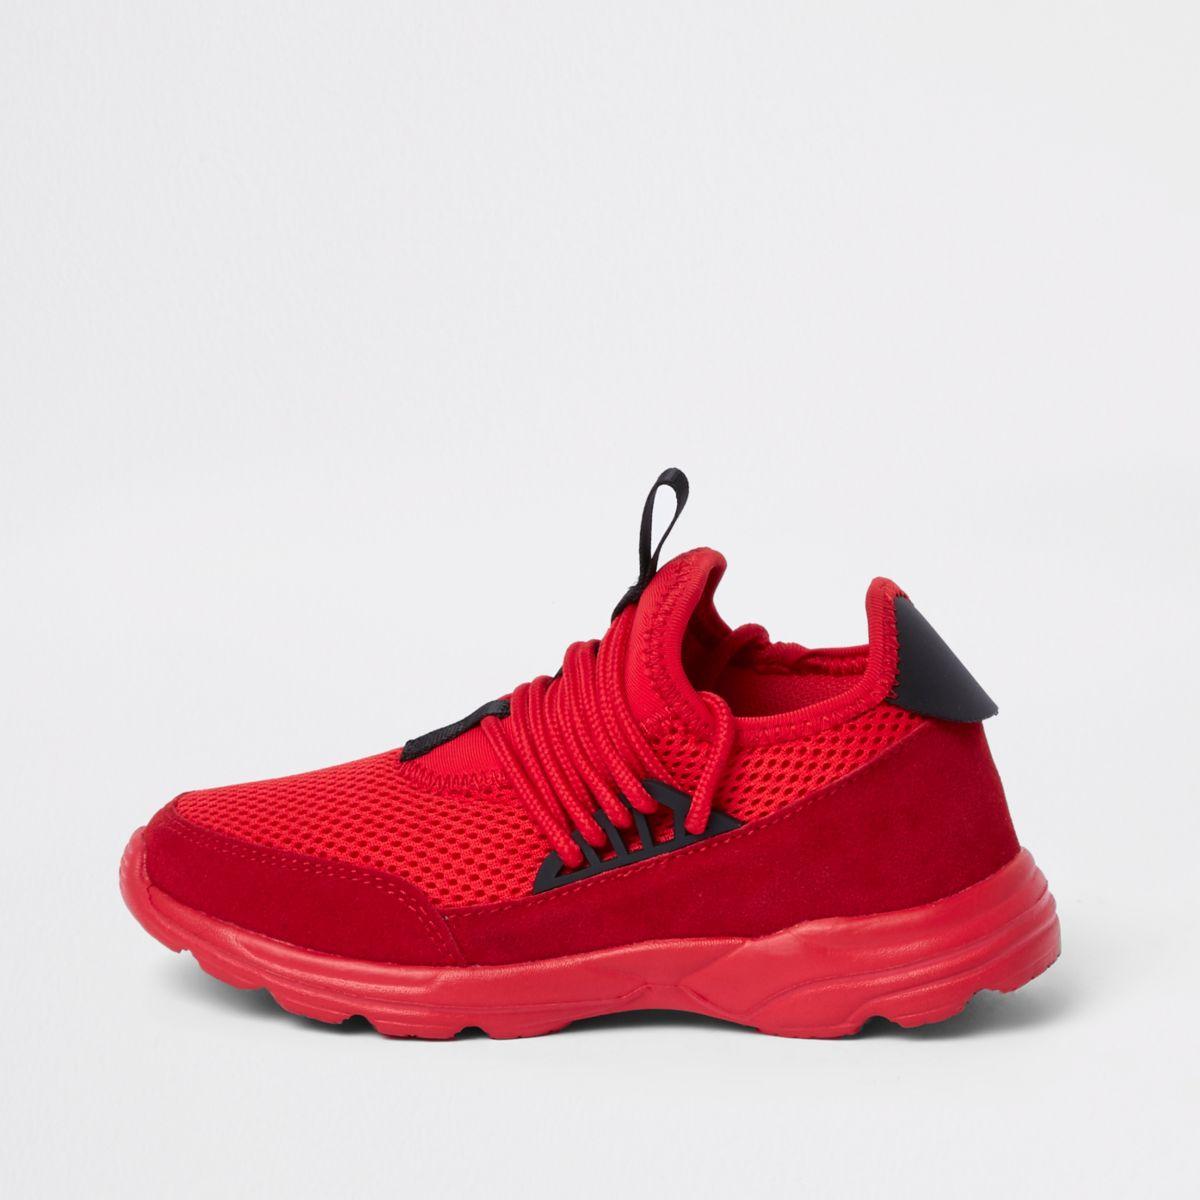 Kids red runner sneakers